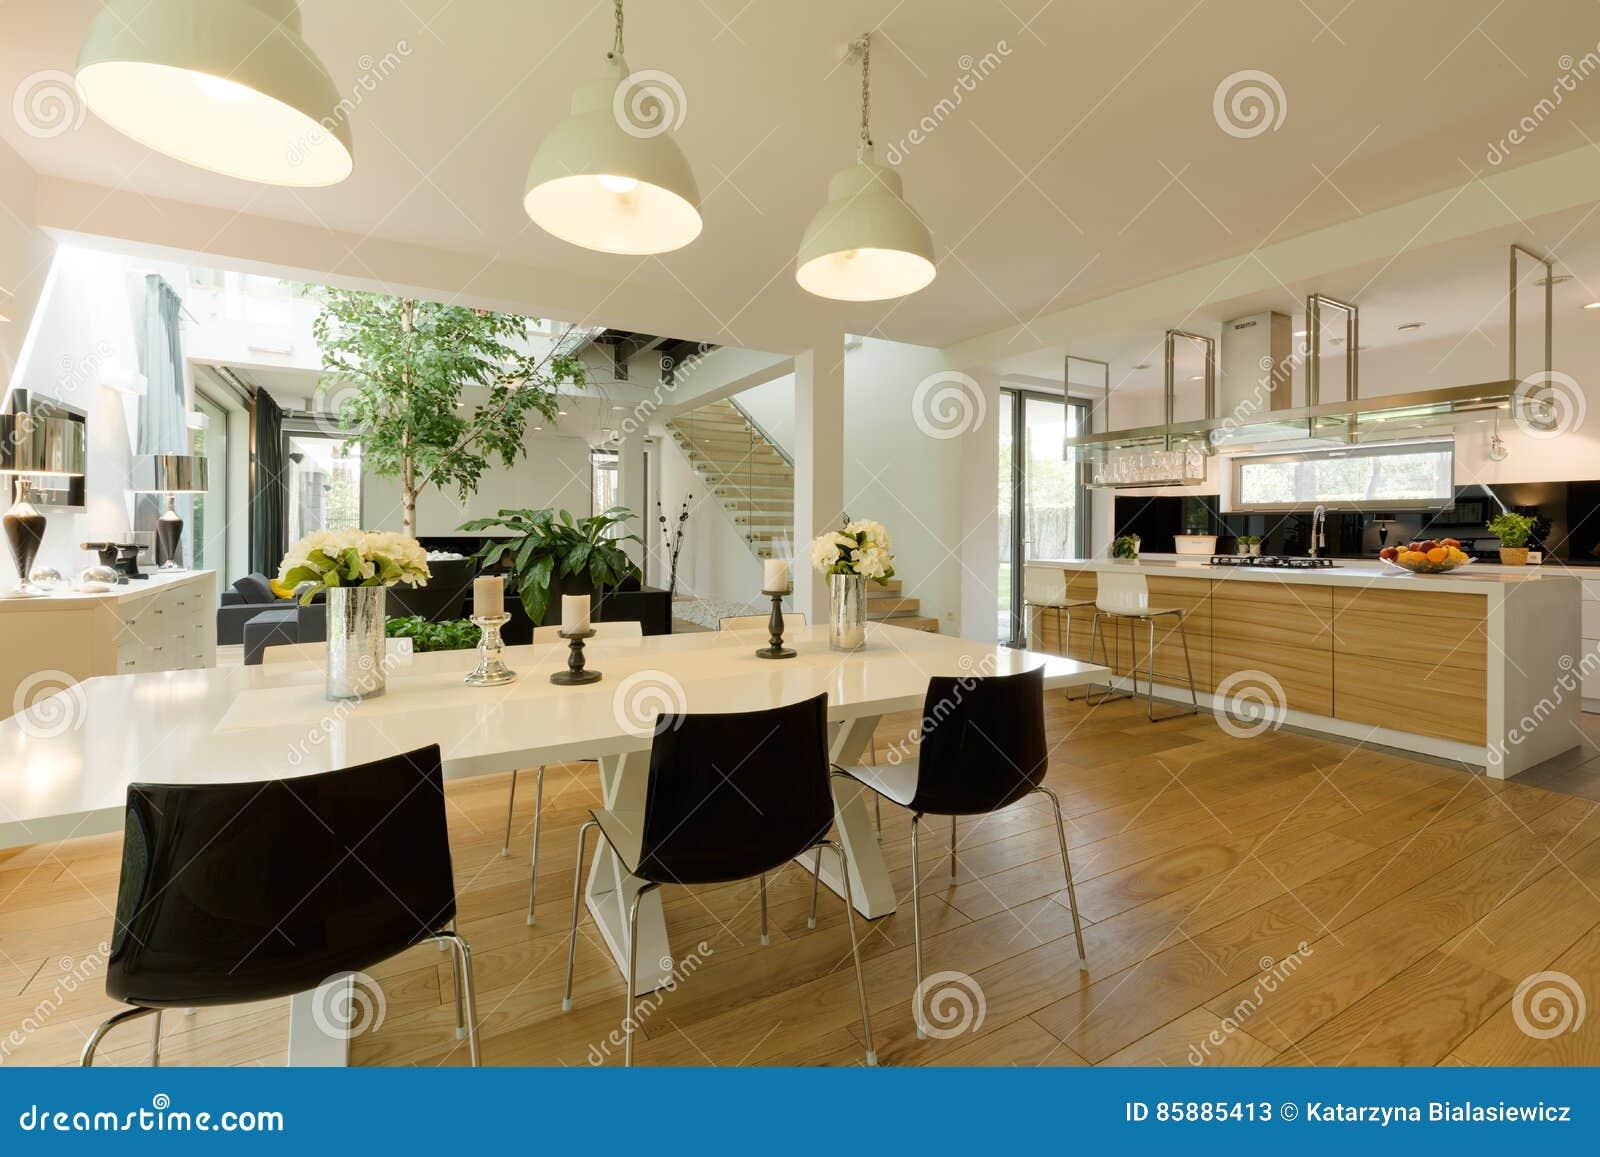 Salle à Manger Avec La Table Blanche Et Les Chaises Noires Image ...